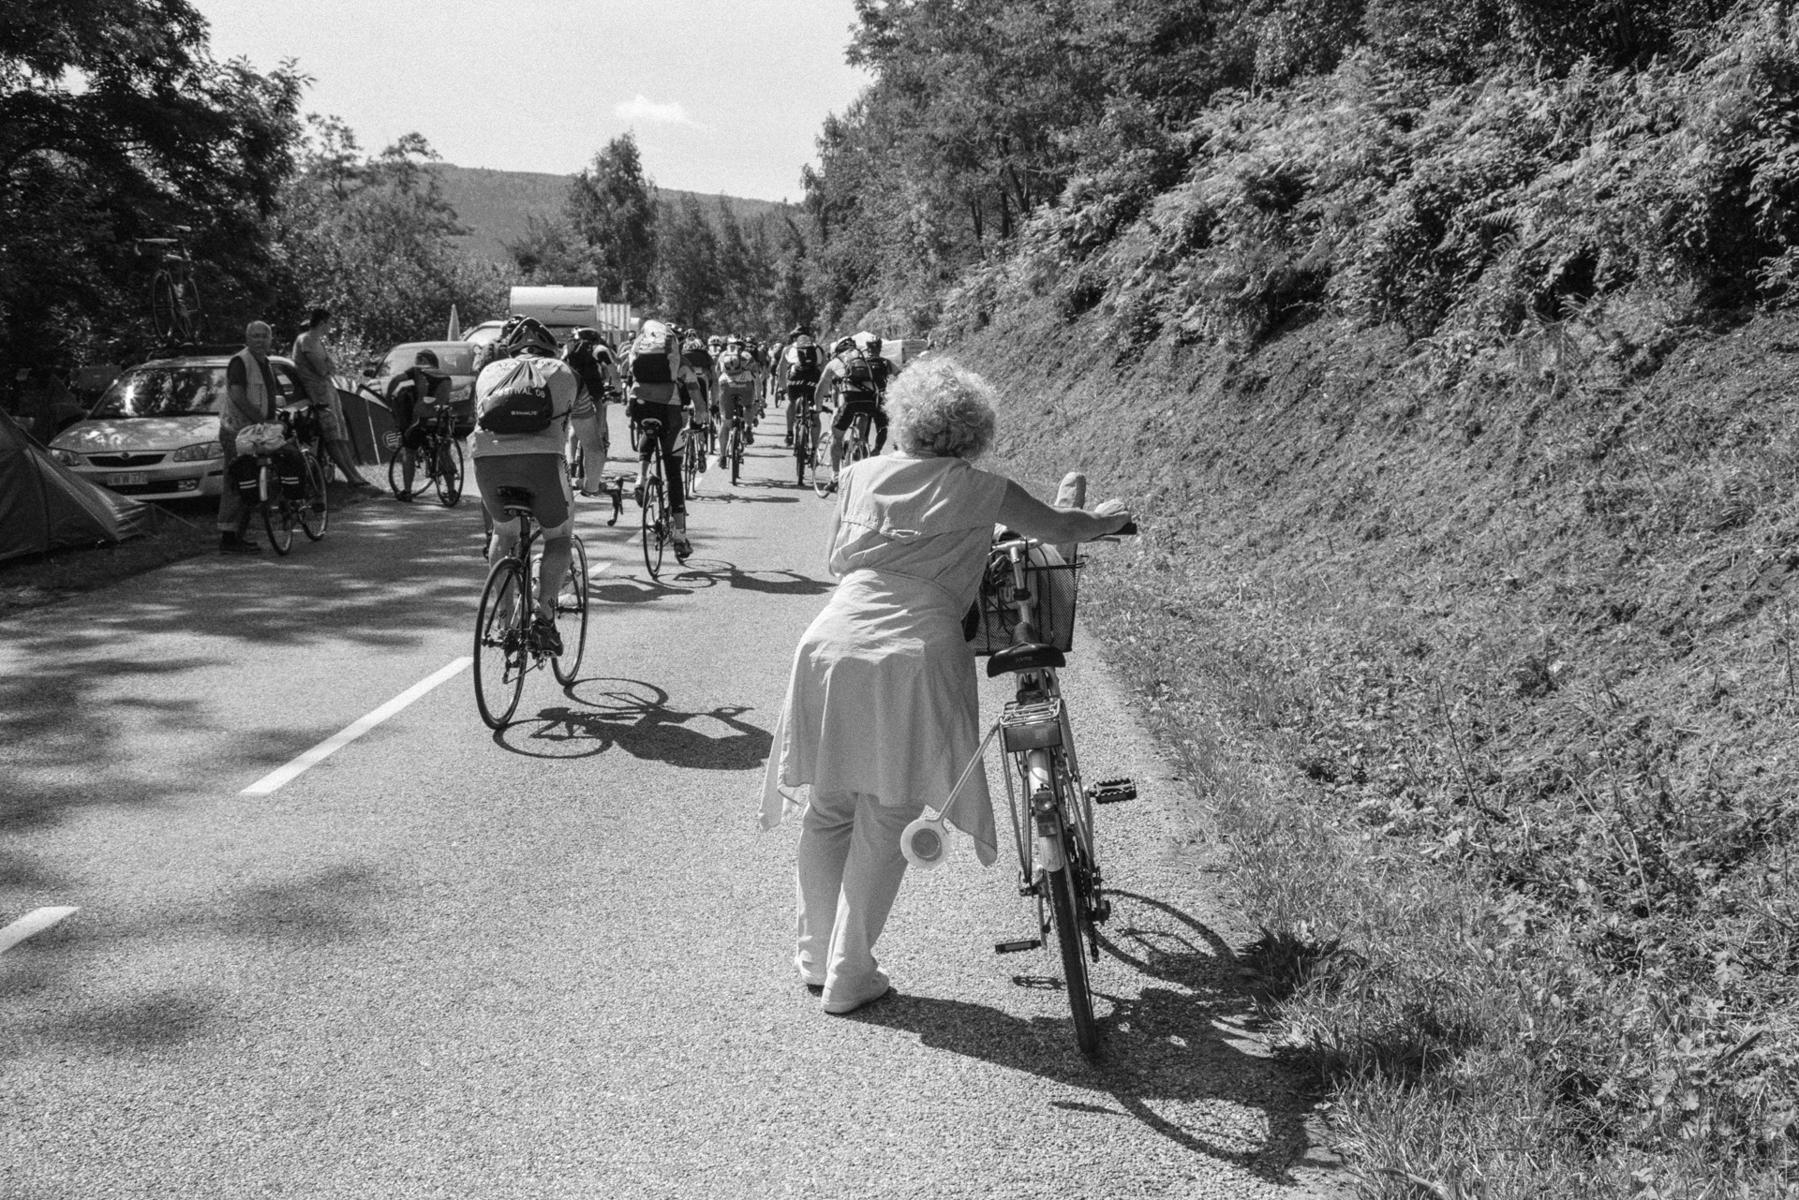 Le Tour de France 2011 You had better bring something to eat. Il vaut mieux apporter quelque chose à manger. Am Besten, man bringt etwas zu Essen mit. Una buena idea: llevarse algo de comer.